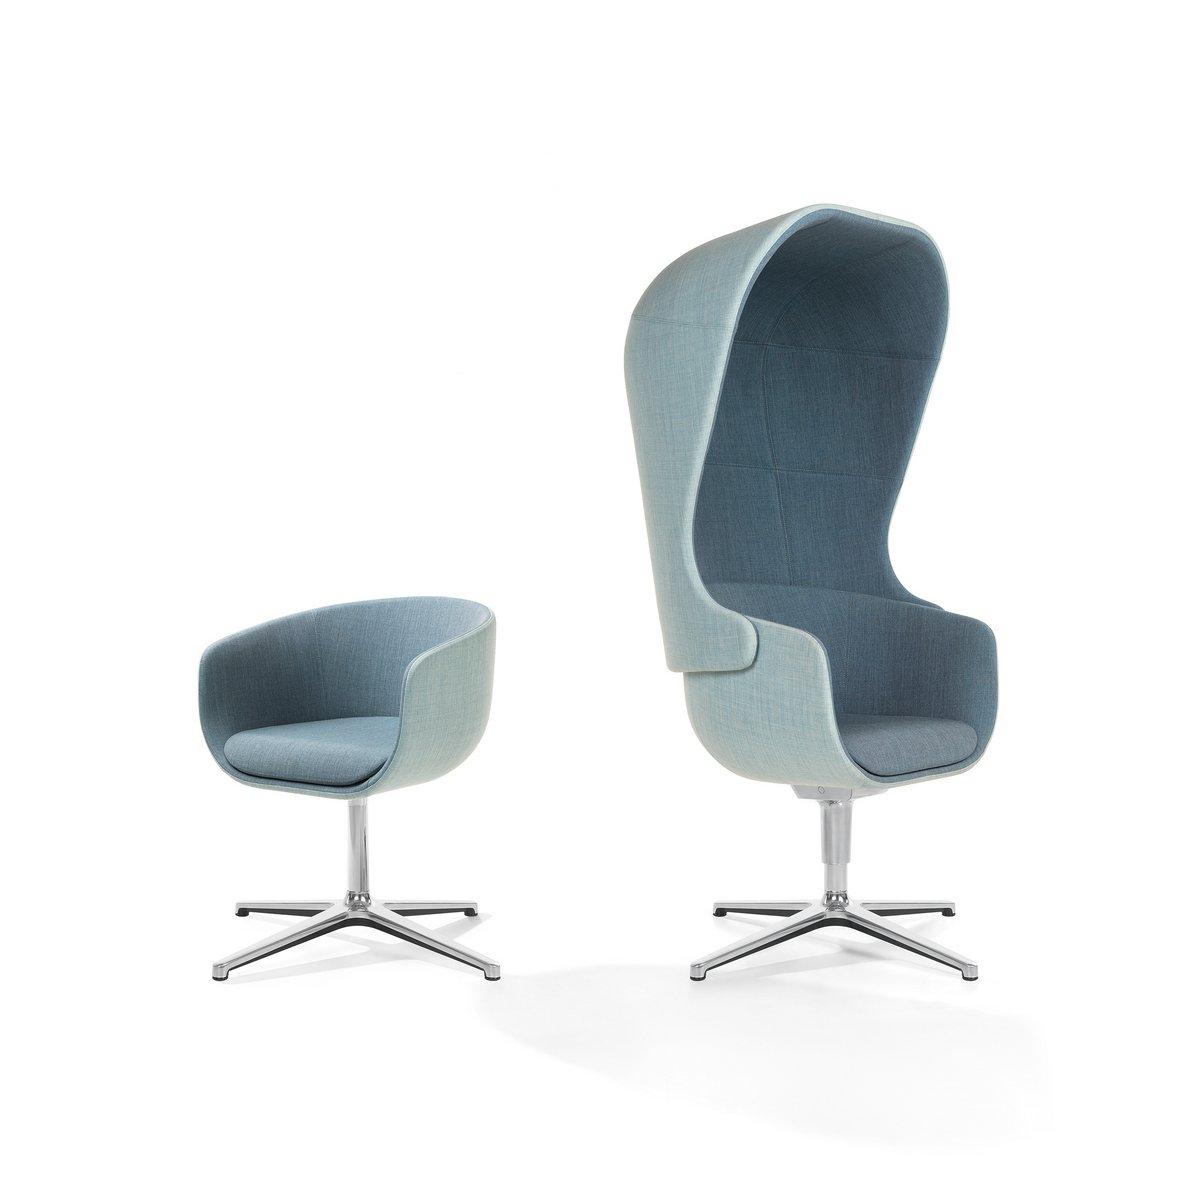 Niebieski fotel konferencyjny Nu, niebieskie krzesło konferencyjne NU